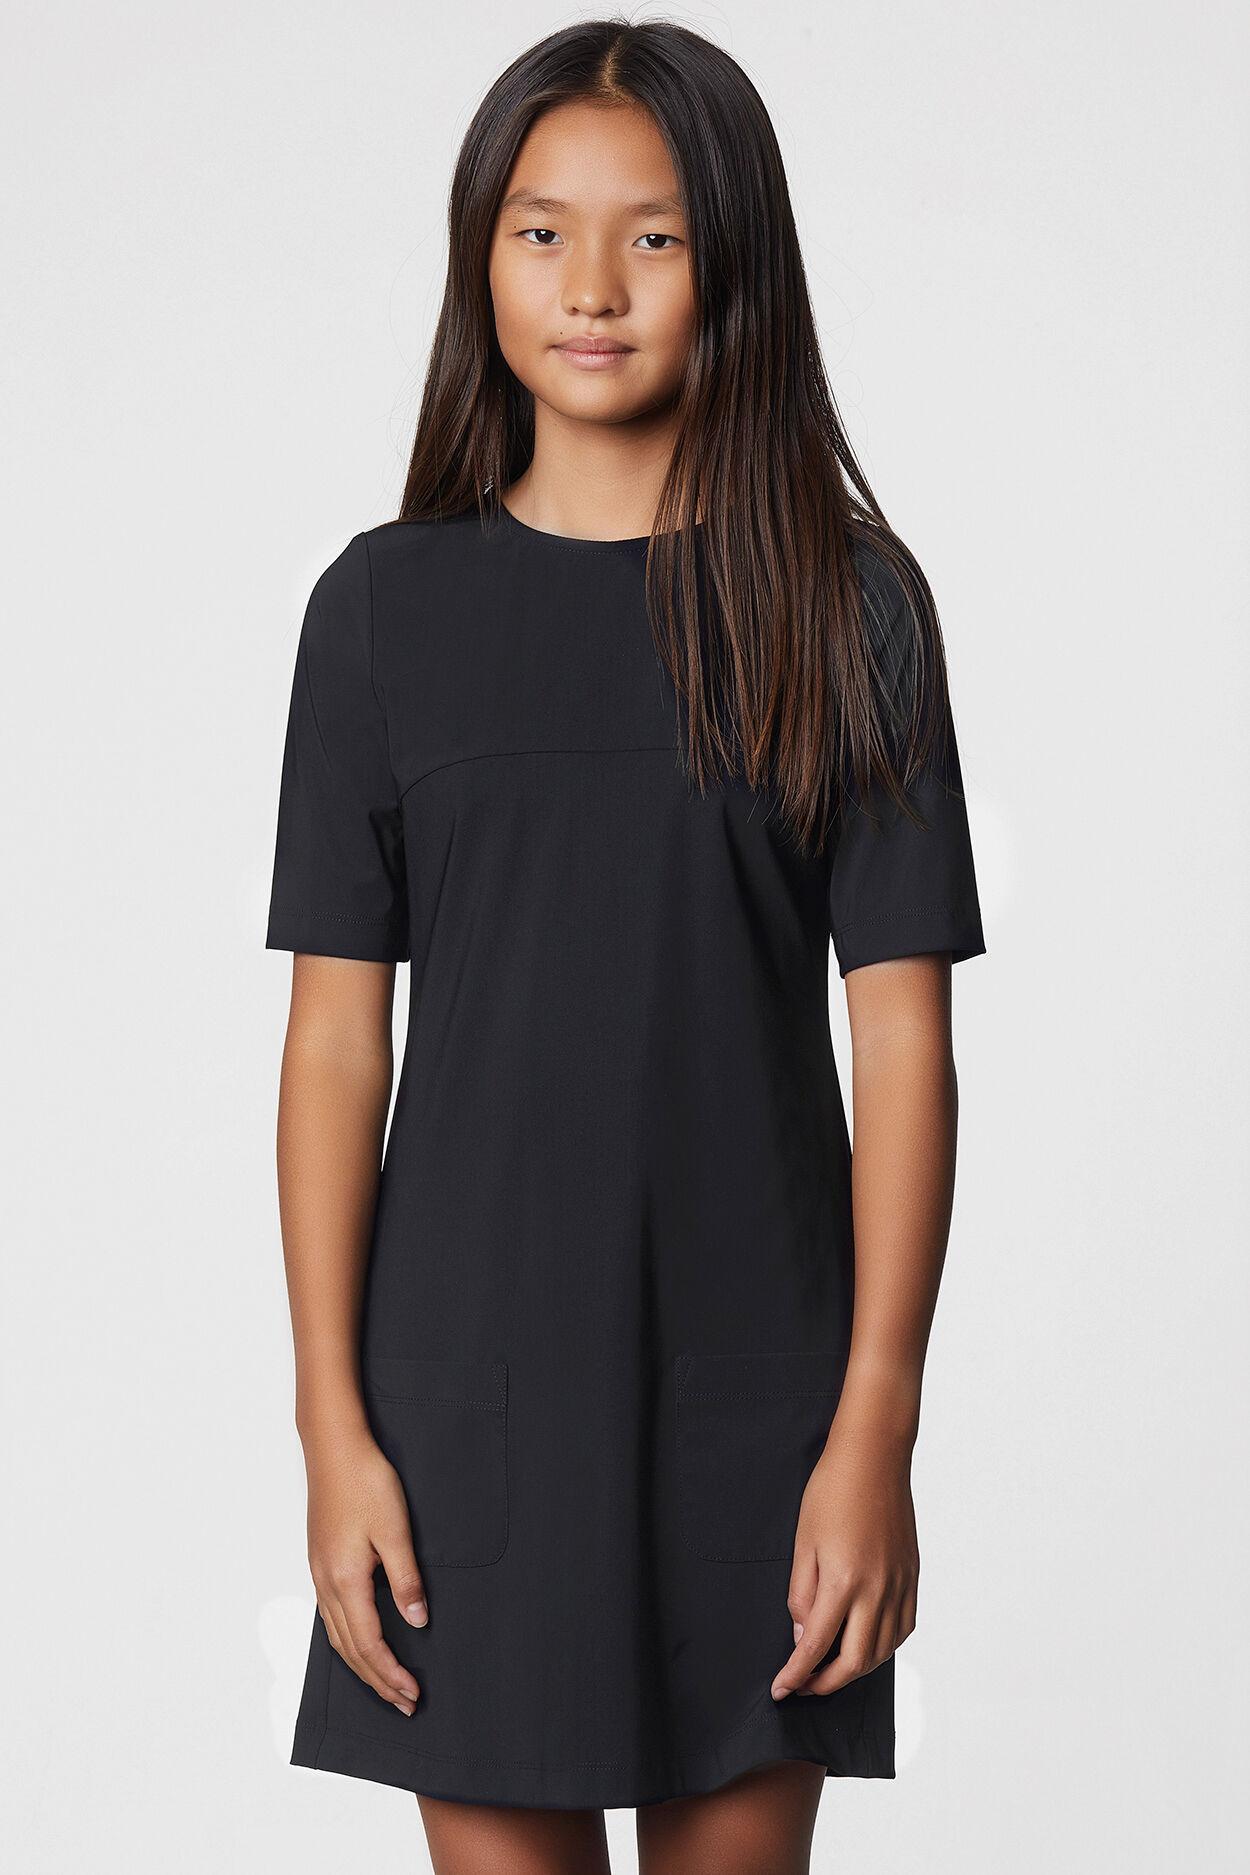 Abbildung von LaDress Alana jerseykleid schwarz